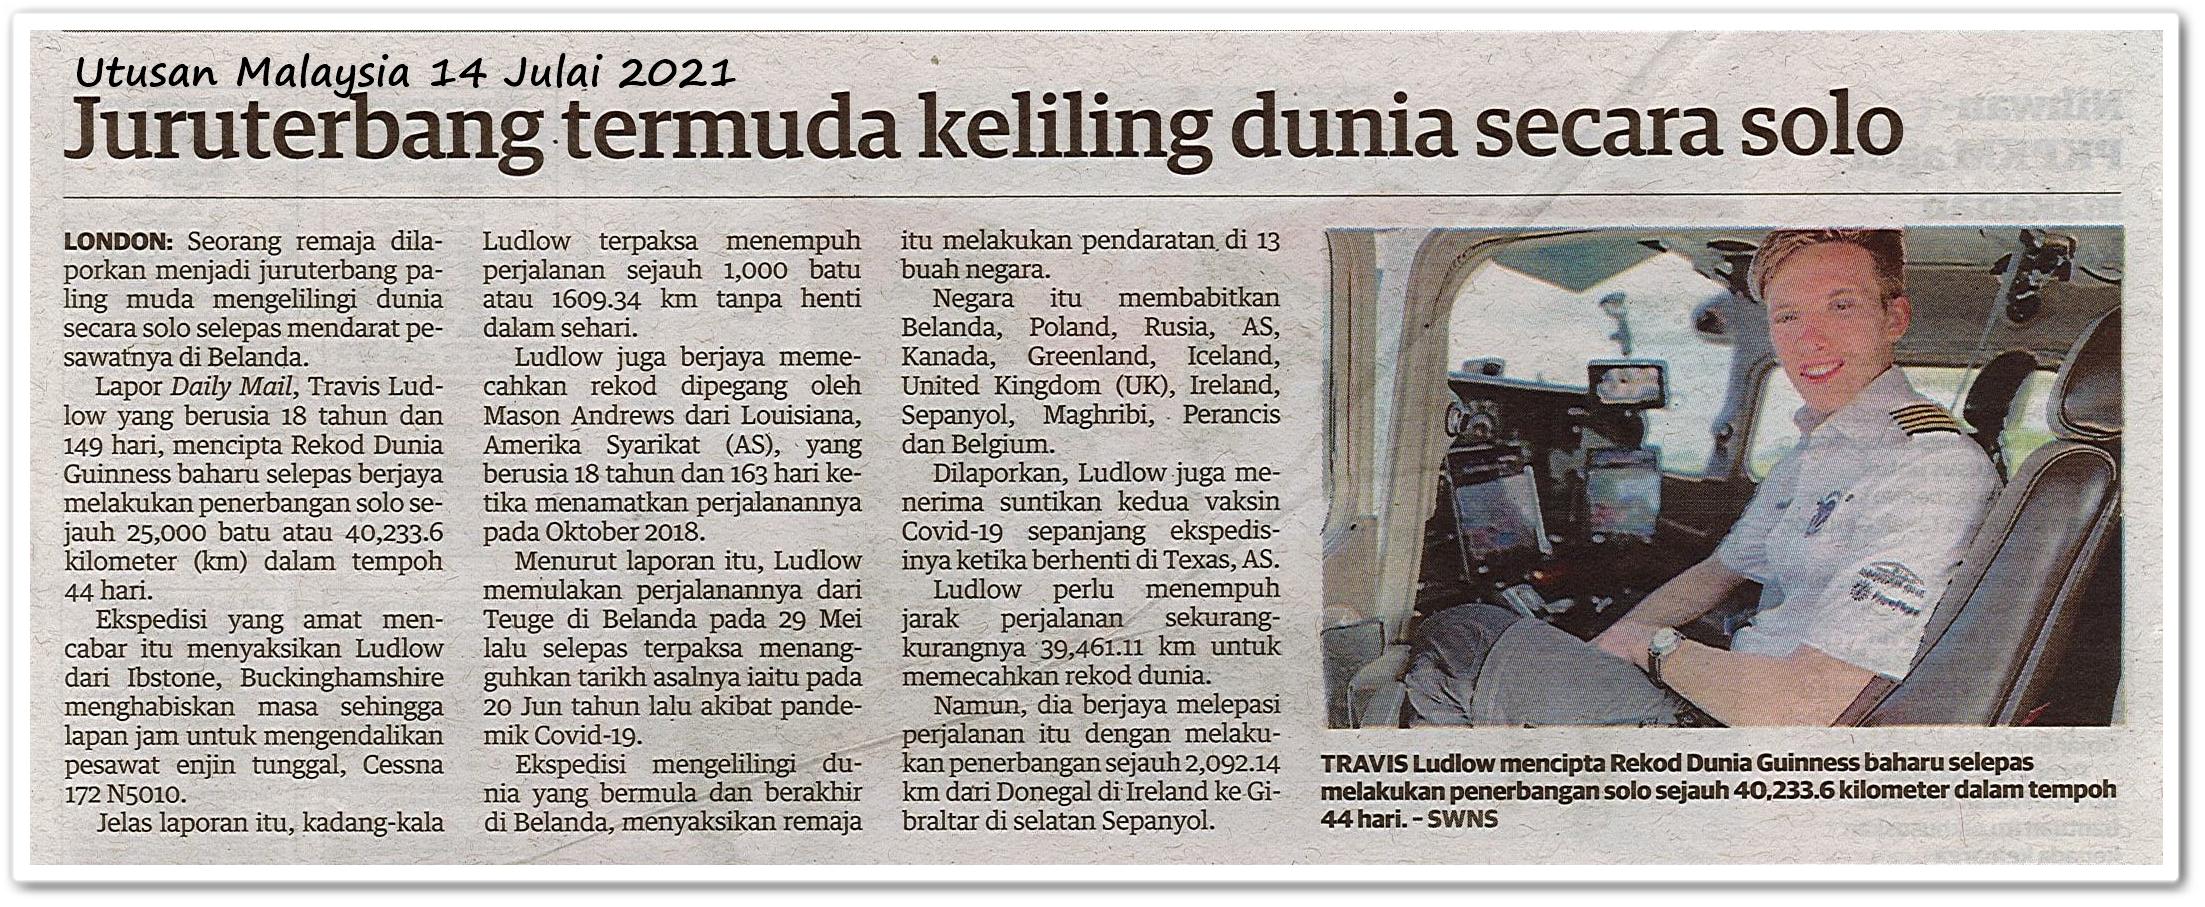 Juruterbang termuda keliling dunia secara solo - Keratan akhbar Utusan Malaysia 14 Julai 2021